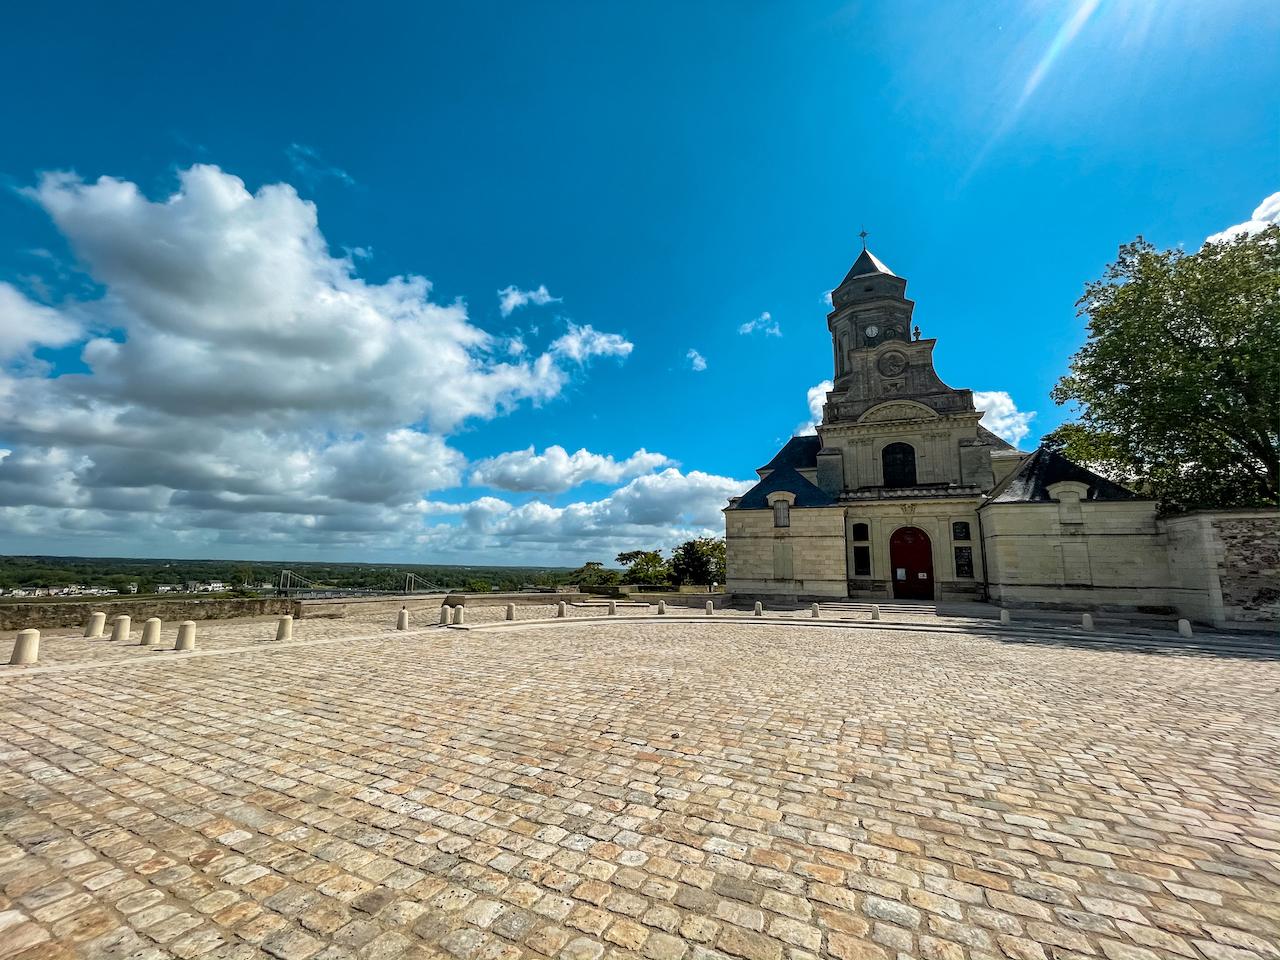 Abbatiale Saint-Florent-le-Vieil